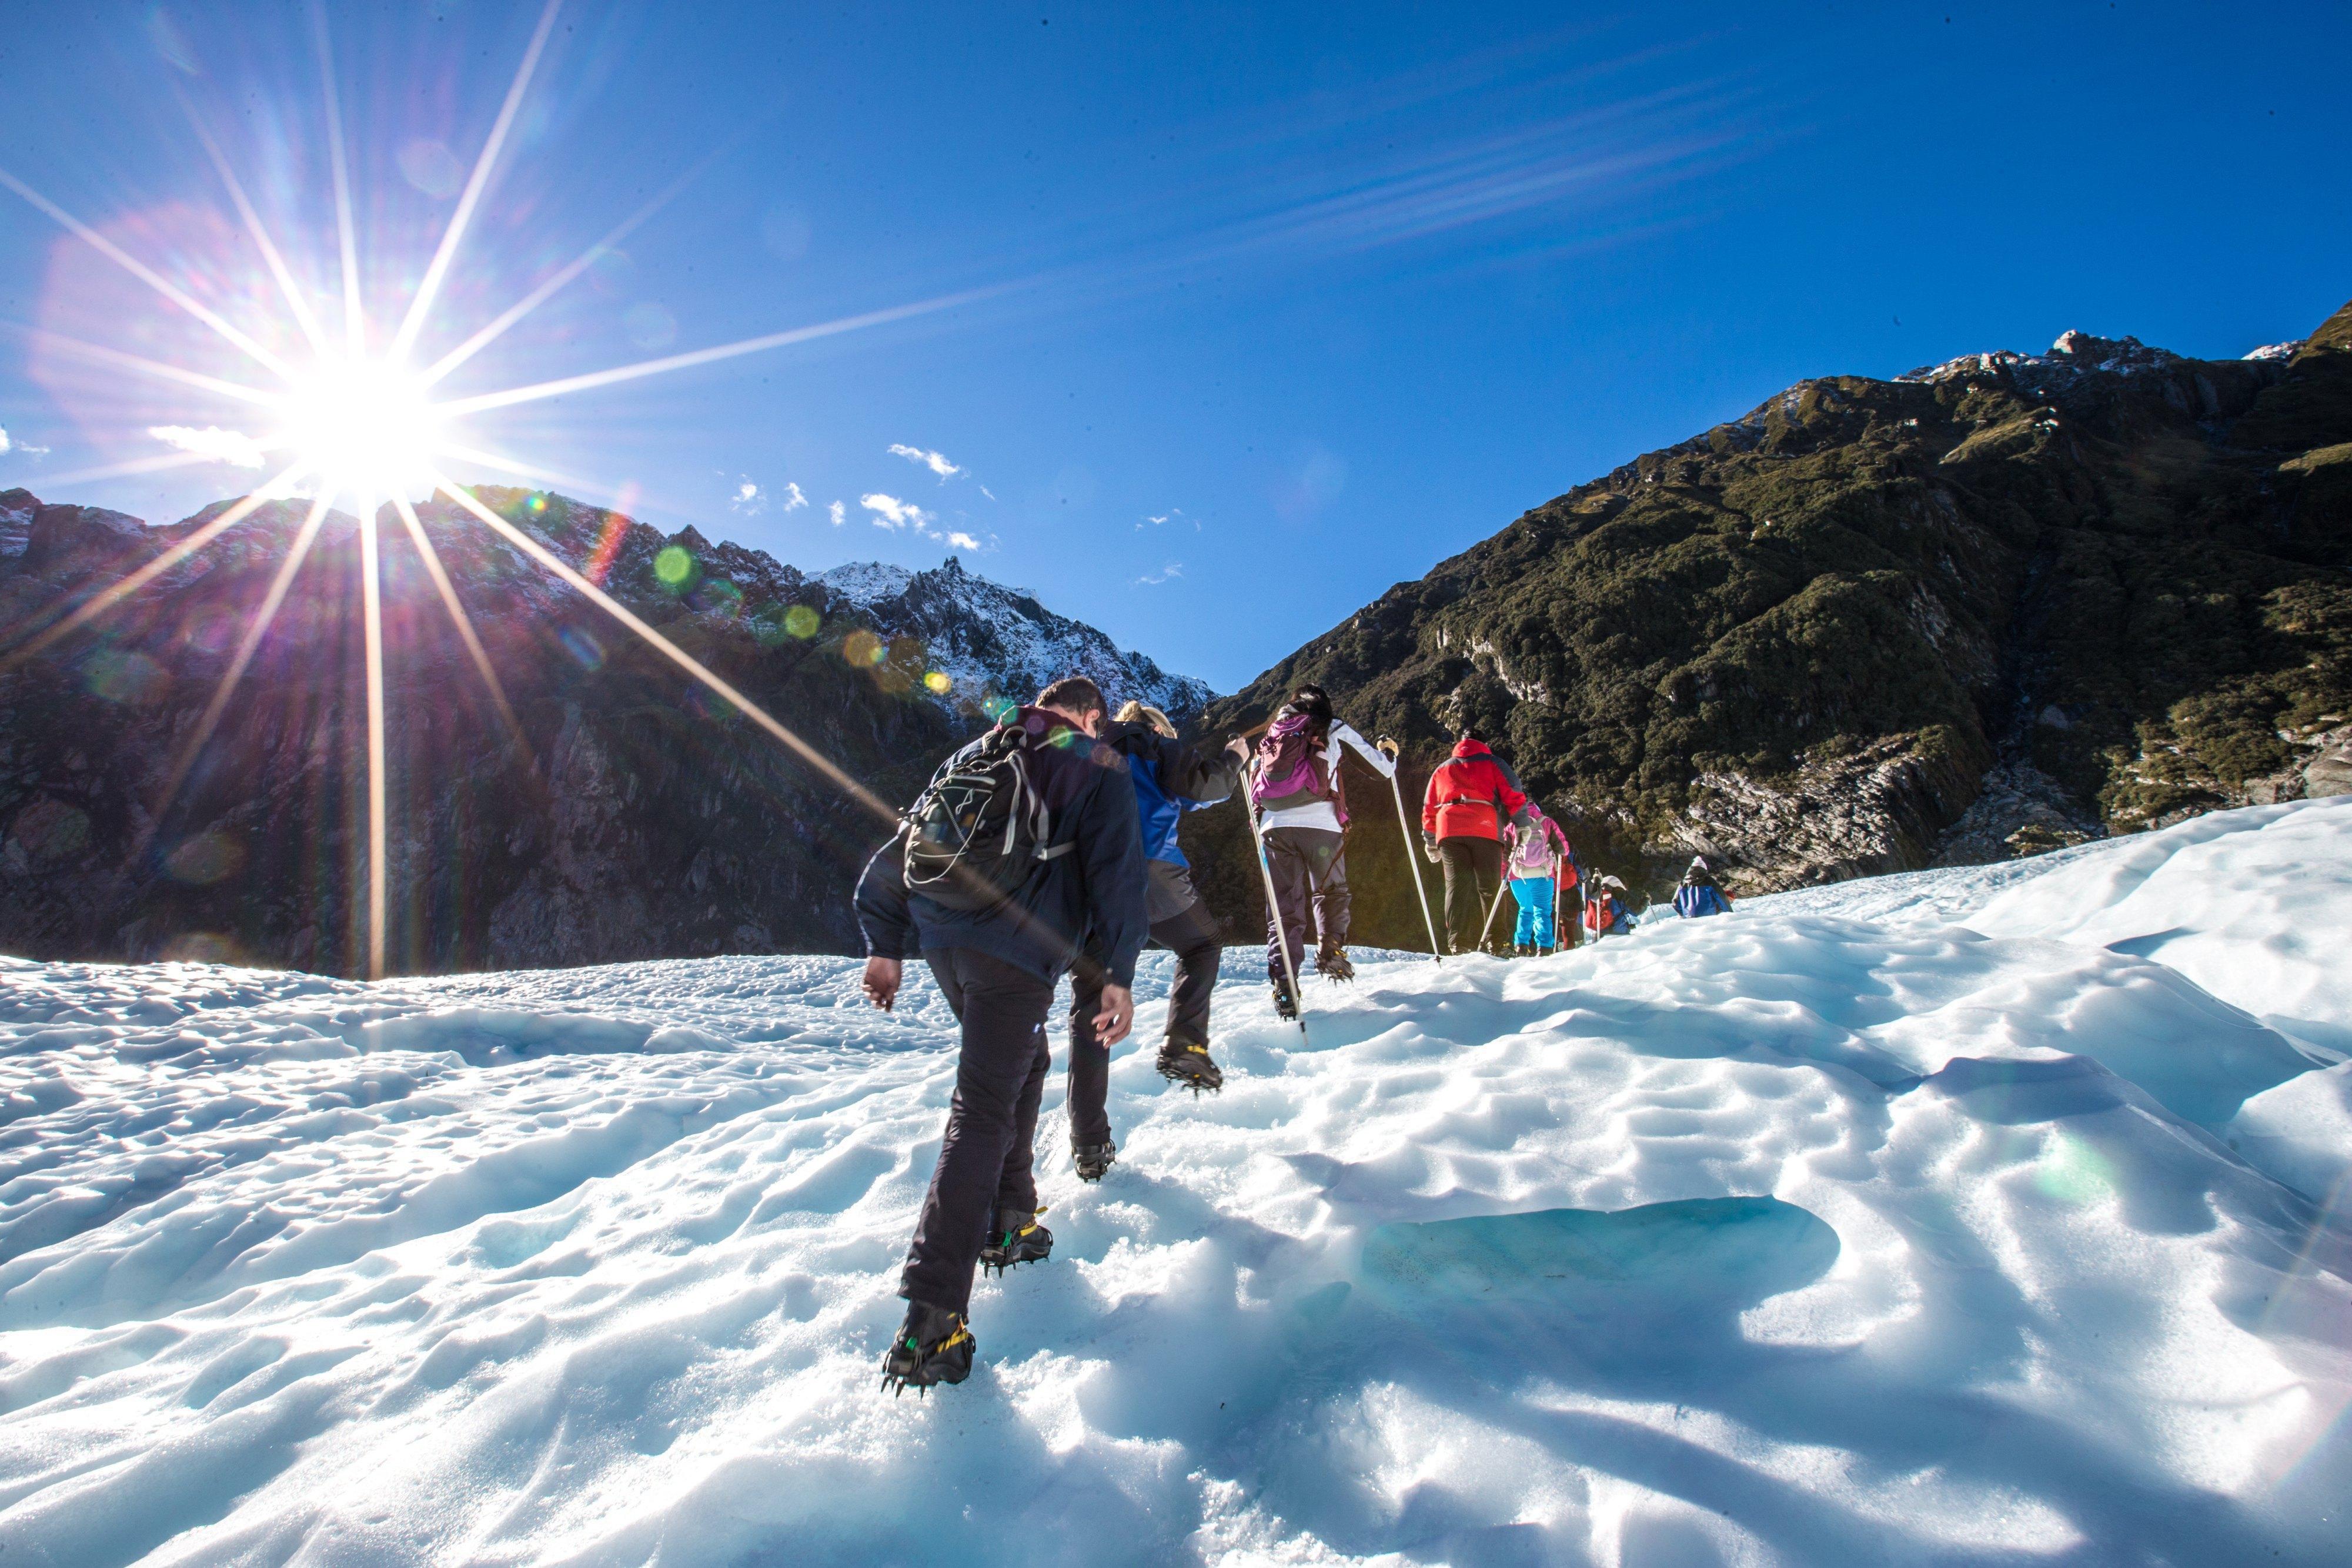 福克斯冰河  Fox Glacier   -0